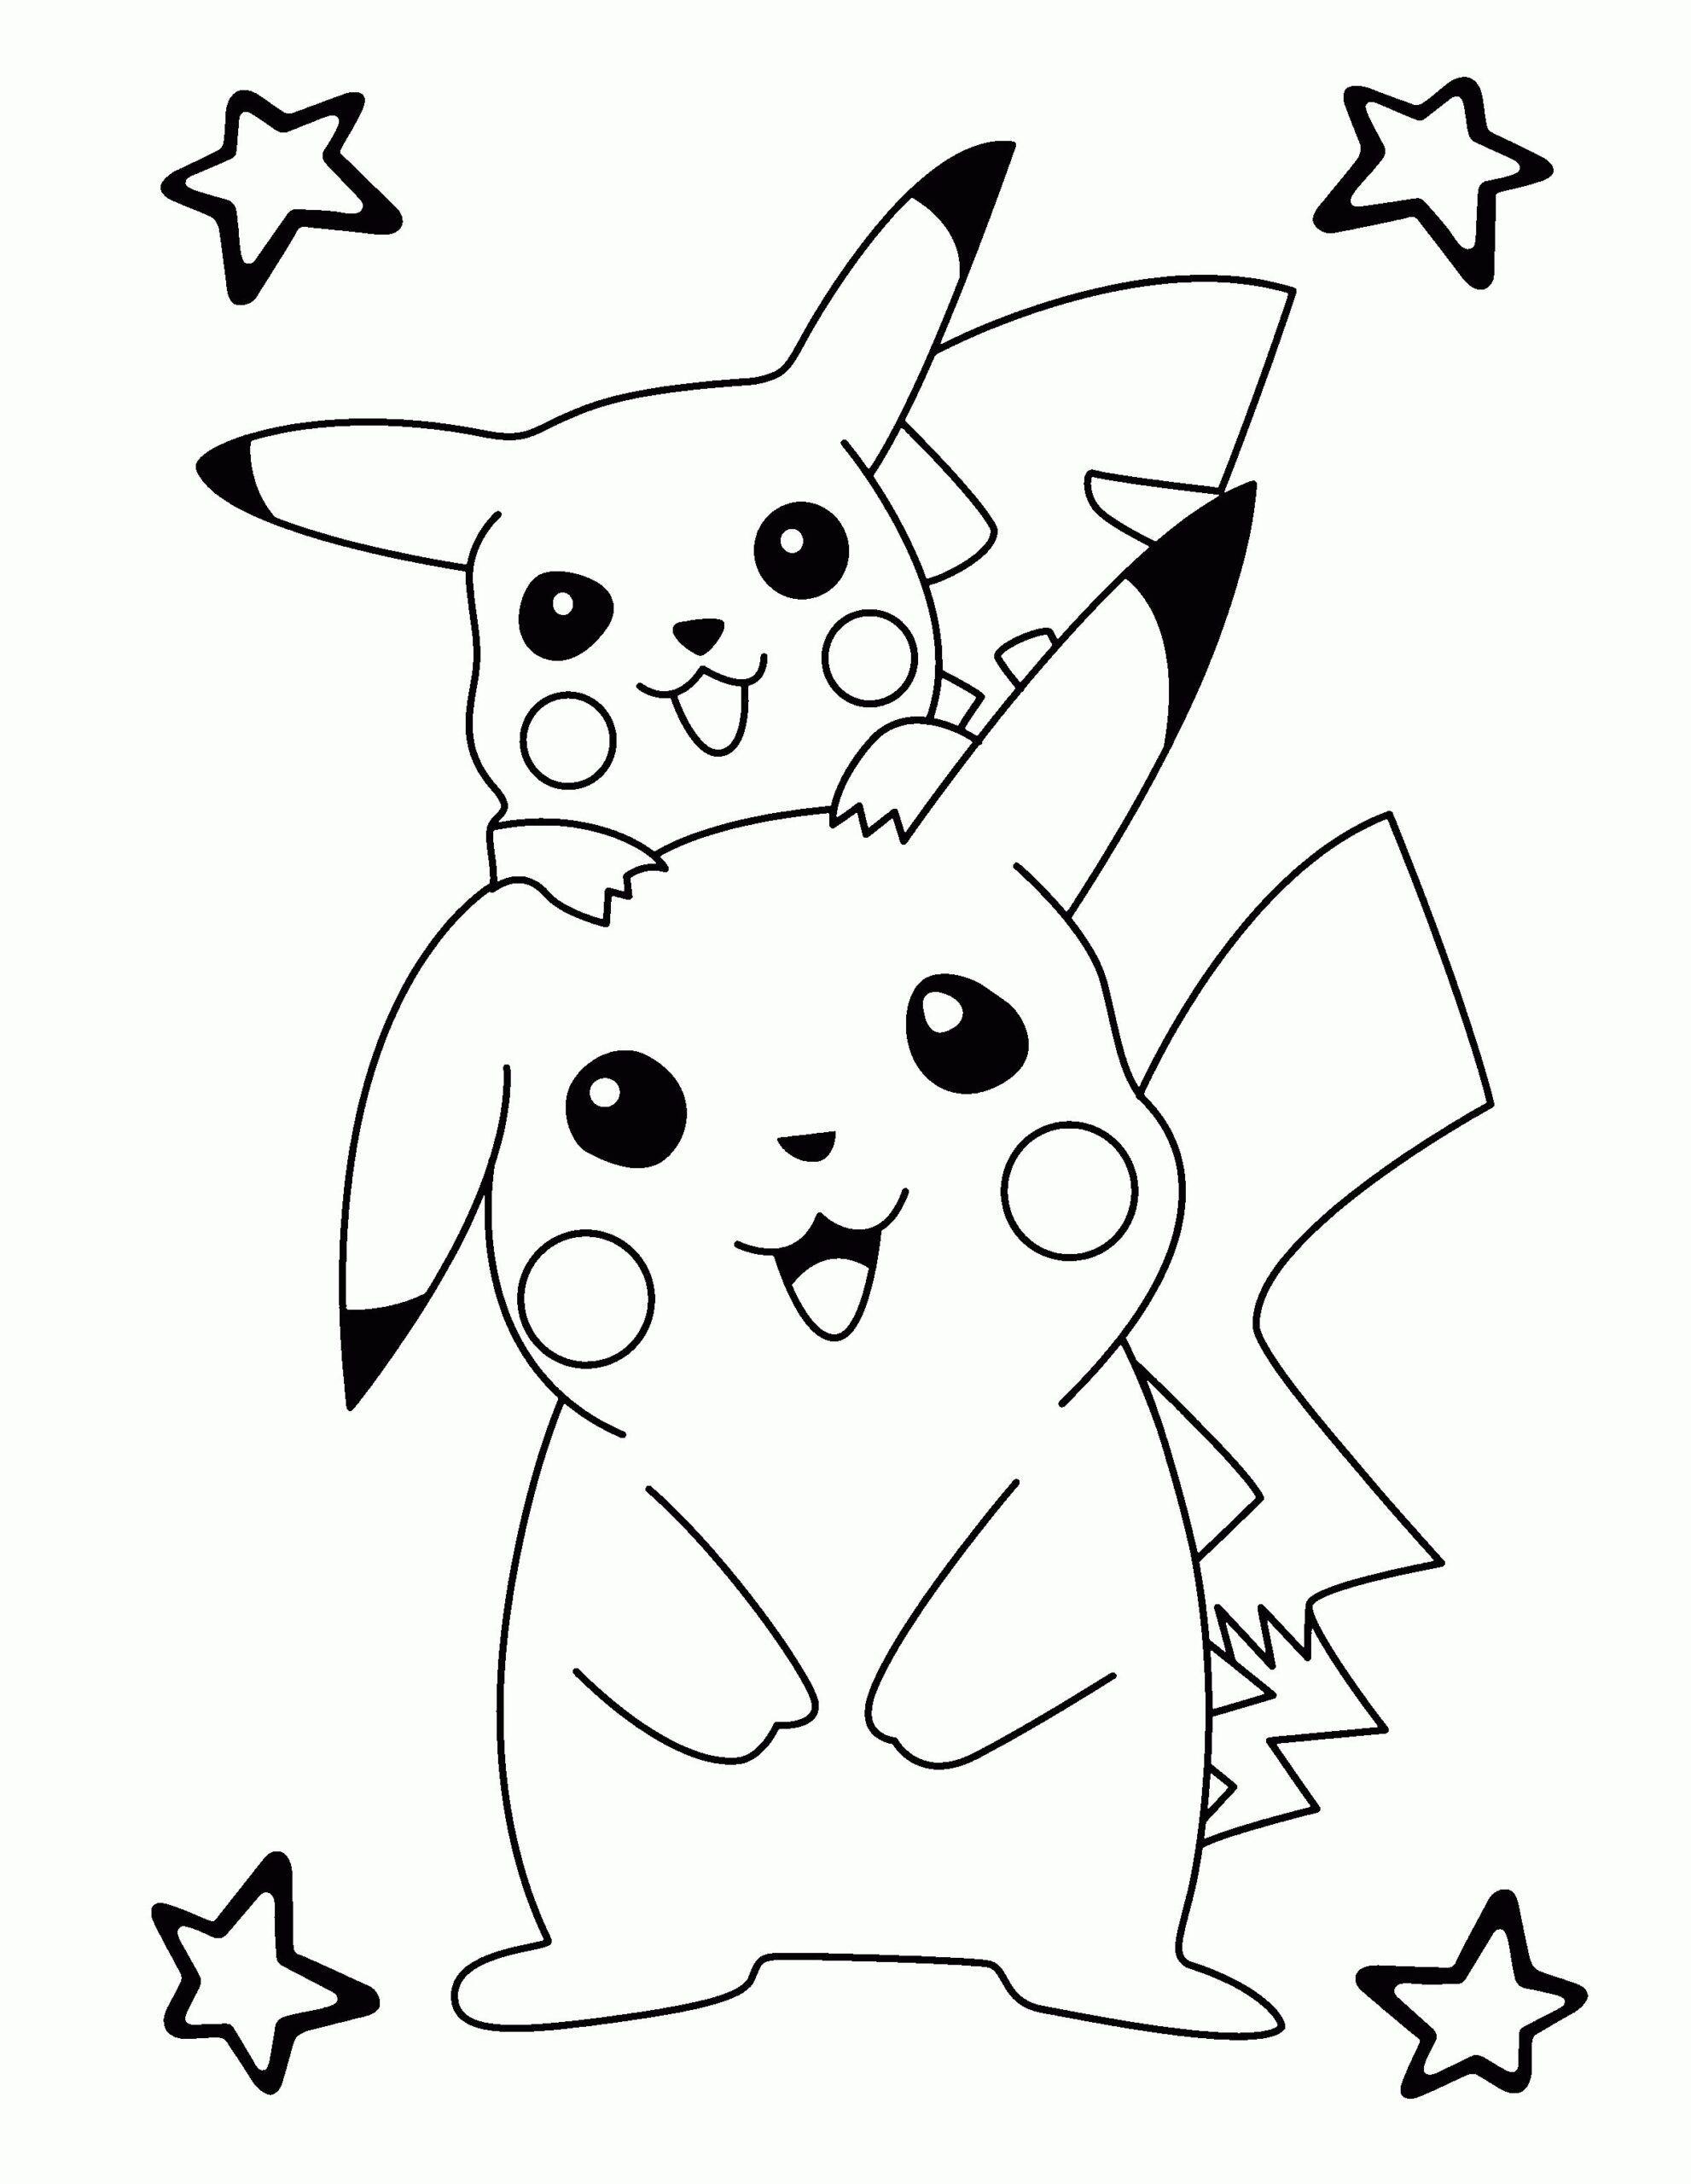 Ausmalbilder Pokemon Pikachu Und Friendun In 2020 Pokemon Coloring Pages Pokemon Coloring Monster Coloring Pages